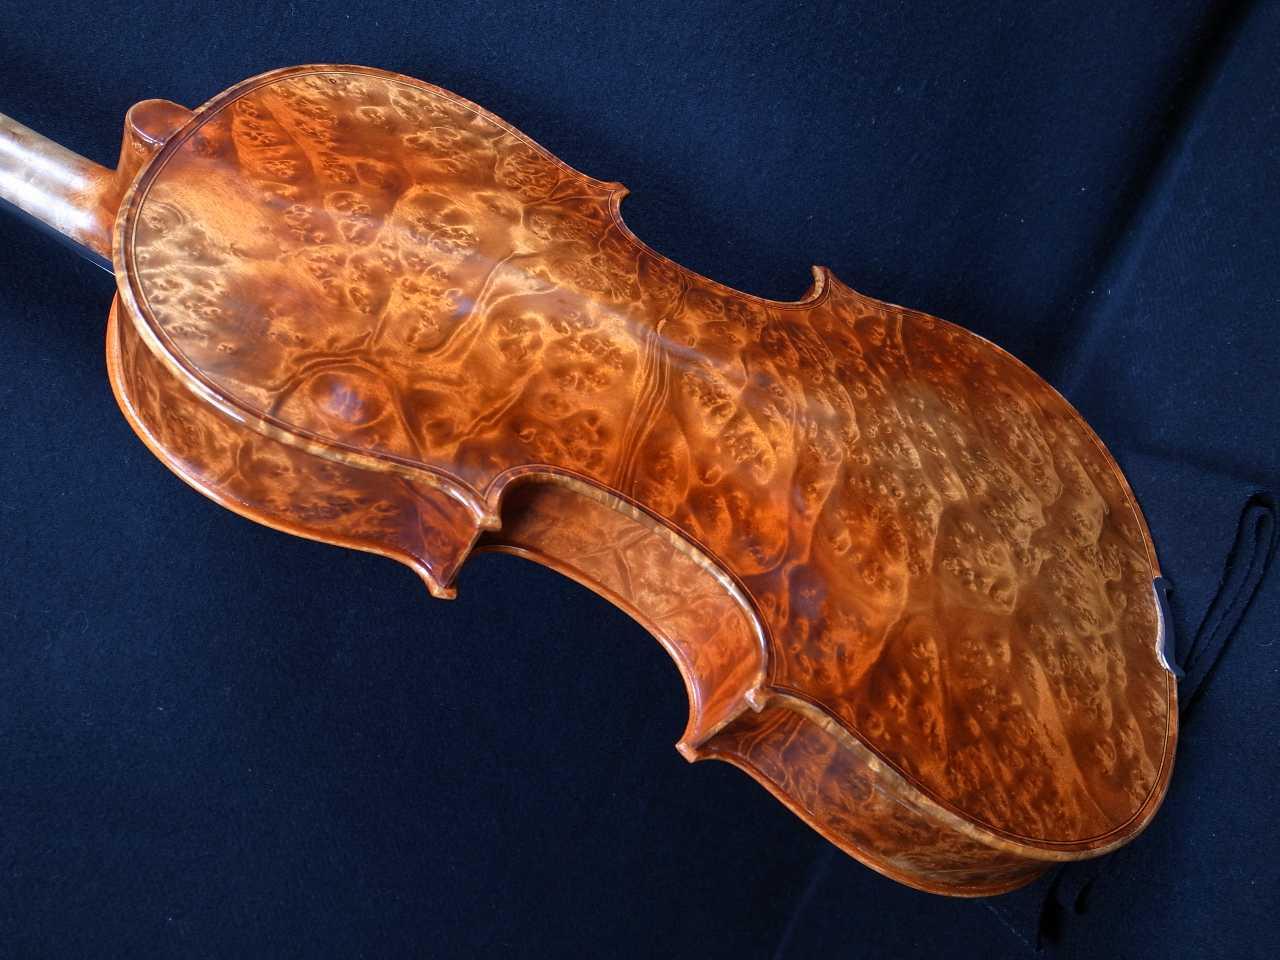 画像1: Ma Zhibin工房バーズアイビオラ・16インチビオラ MaZhibin Workshop Birdseye Viola 16inch